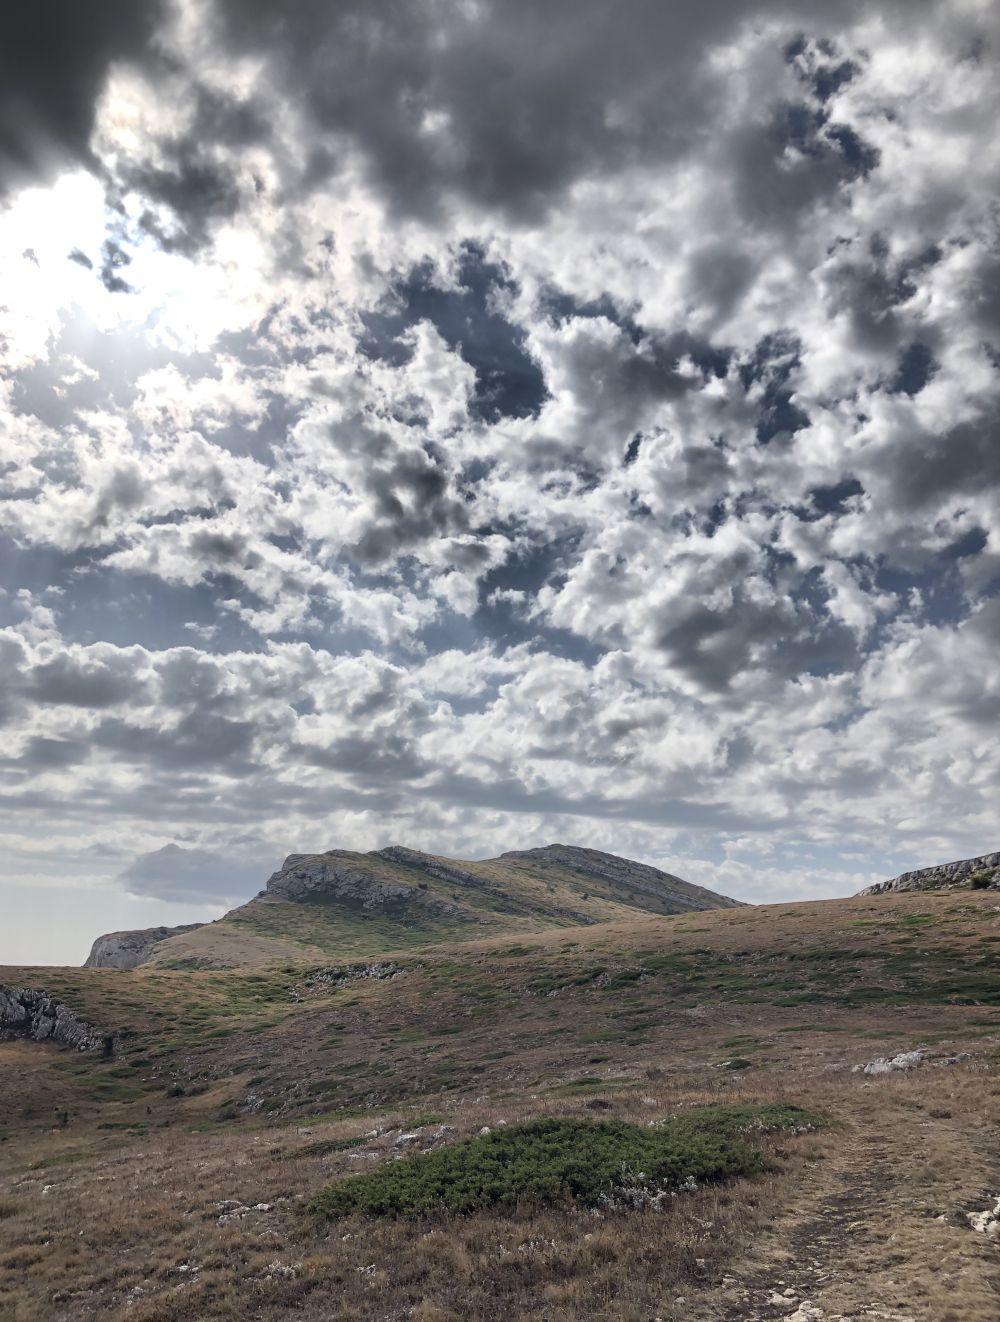 На крымско-татарском языке «чатыр-даг» означает «гора-шатер».